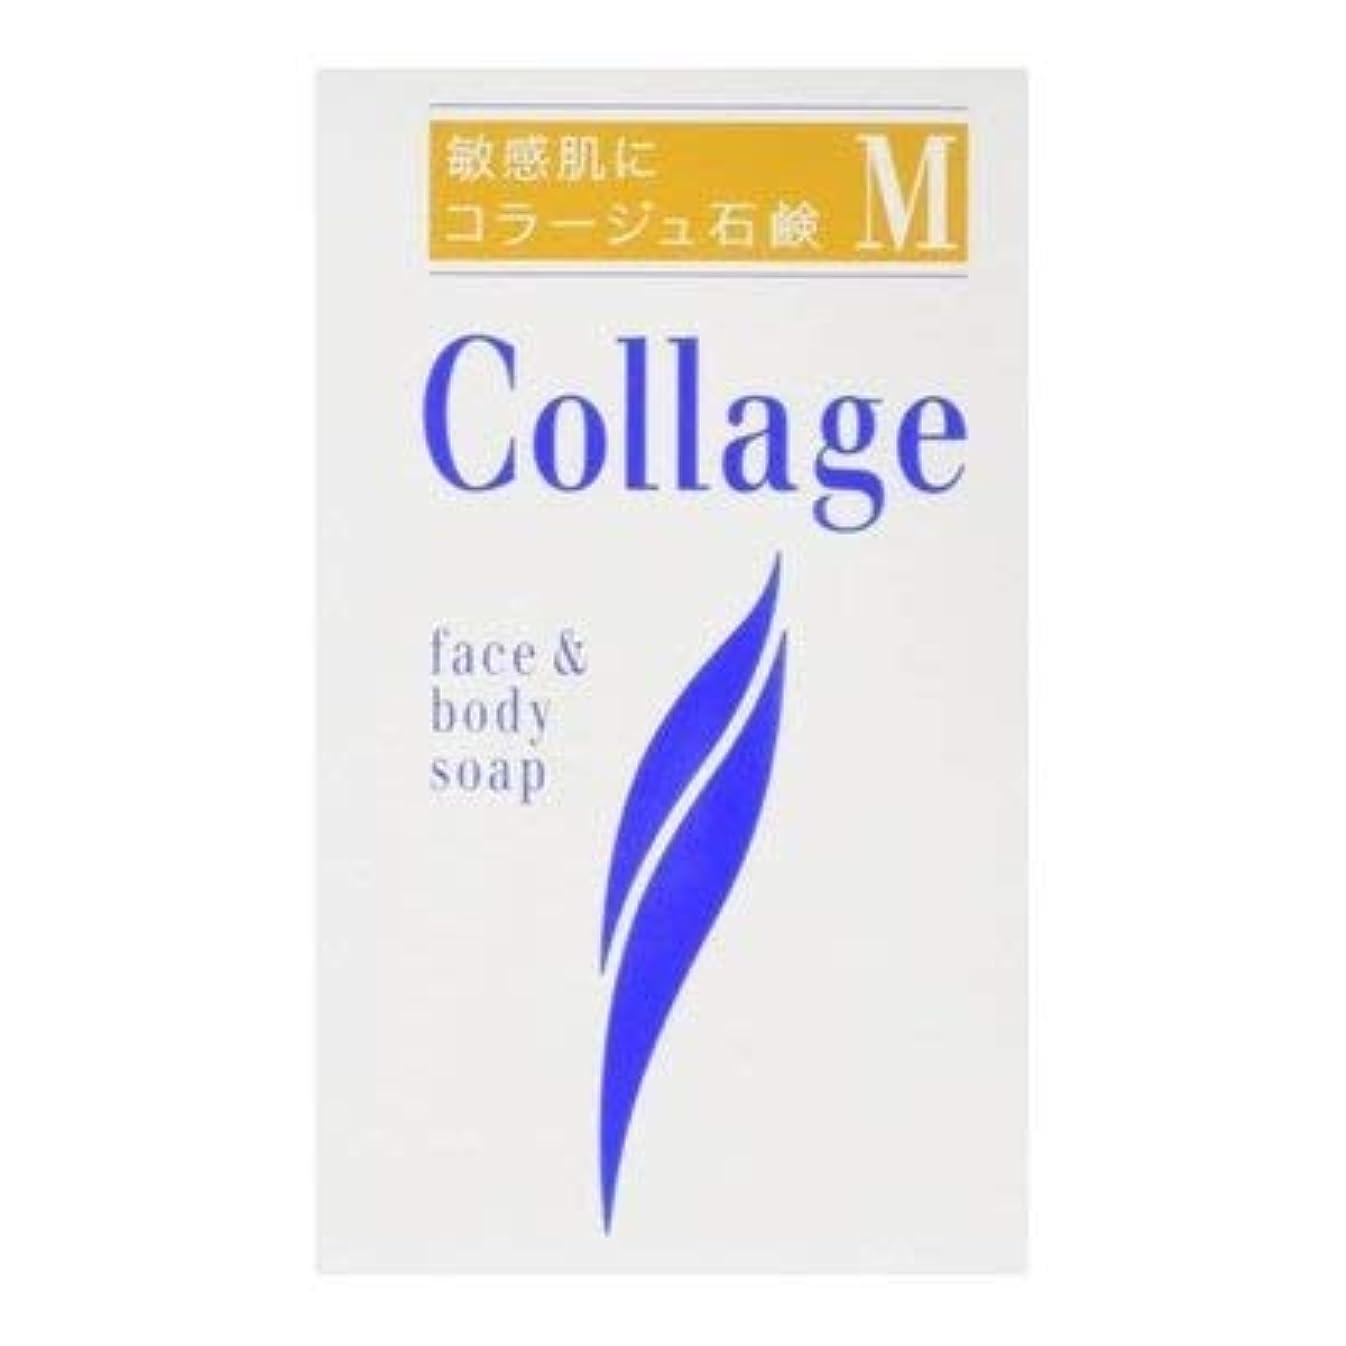 ジャンプ文芸満州コラージュM石鹸100g